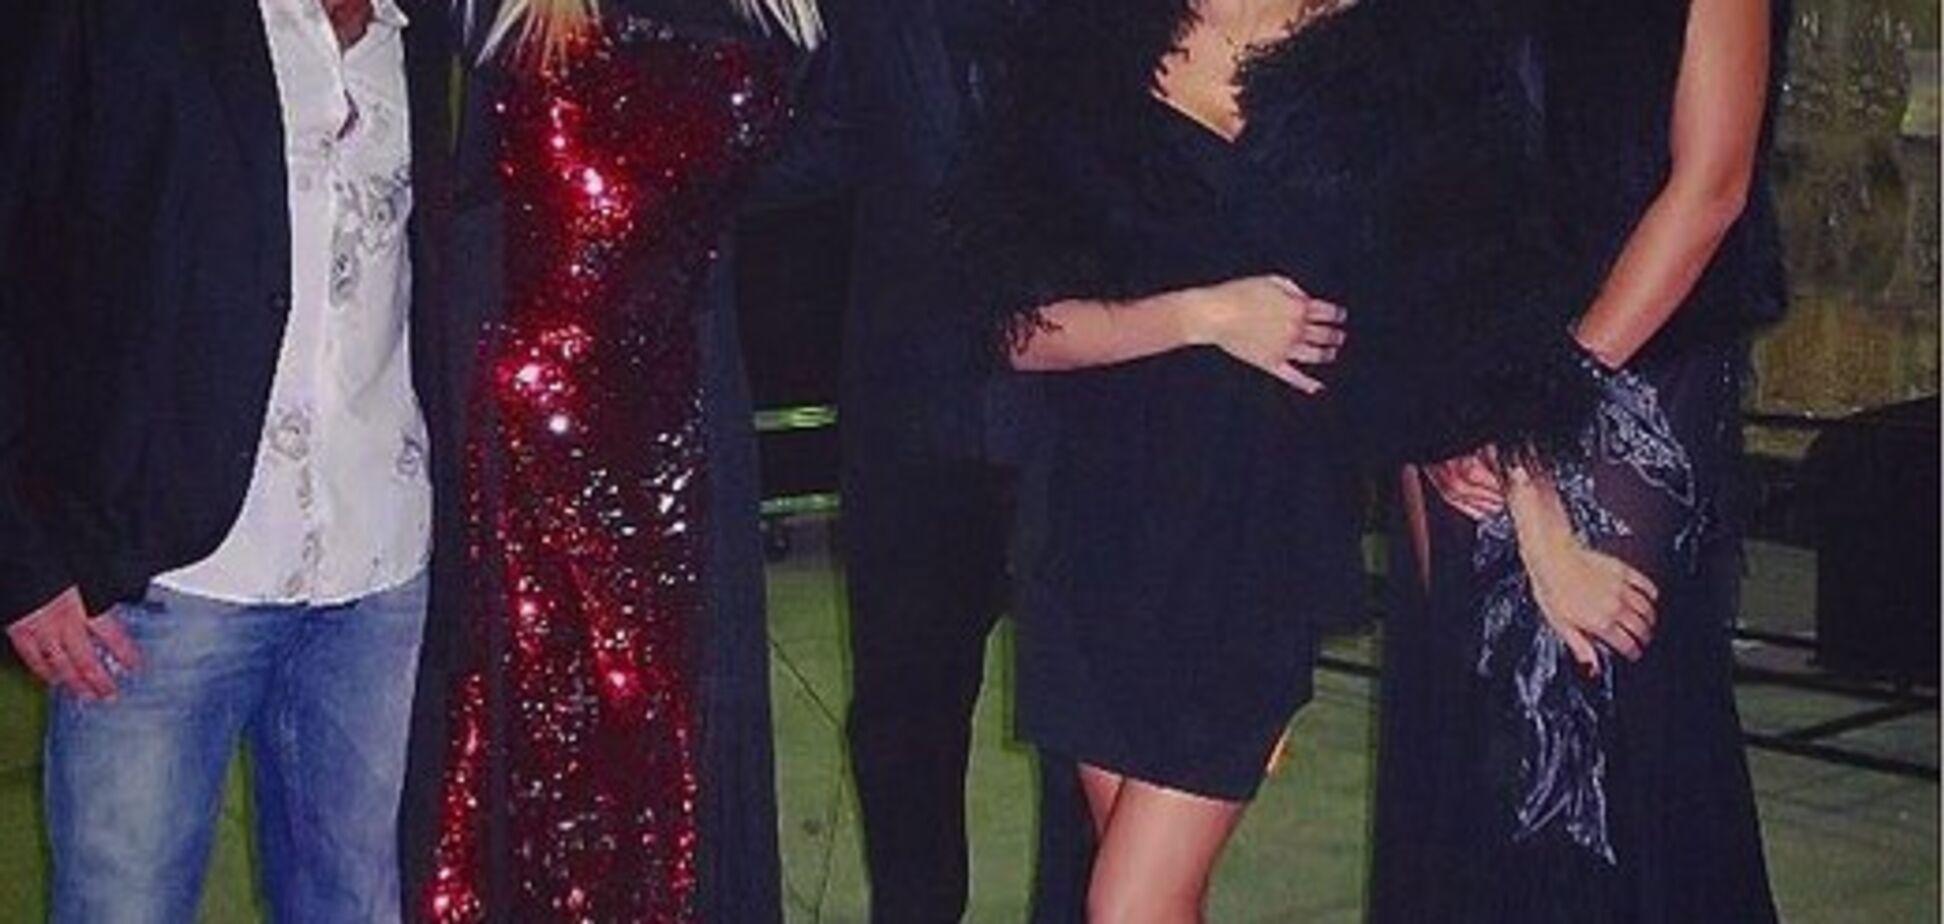 'Это Стас Михайлов слева?' Раритетное фото молодых поп-звезд Украины позабавило сеть